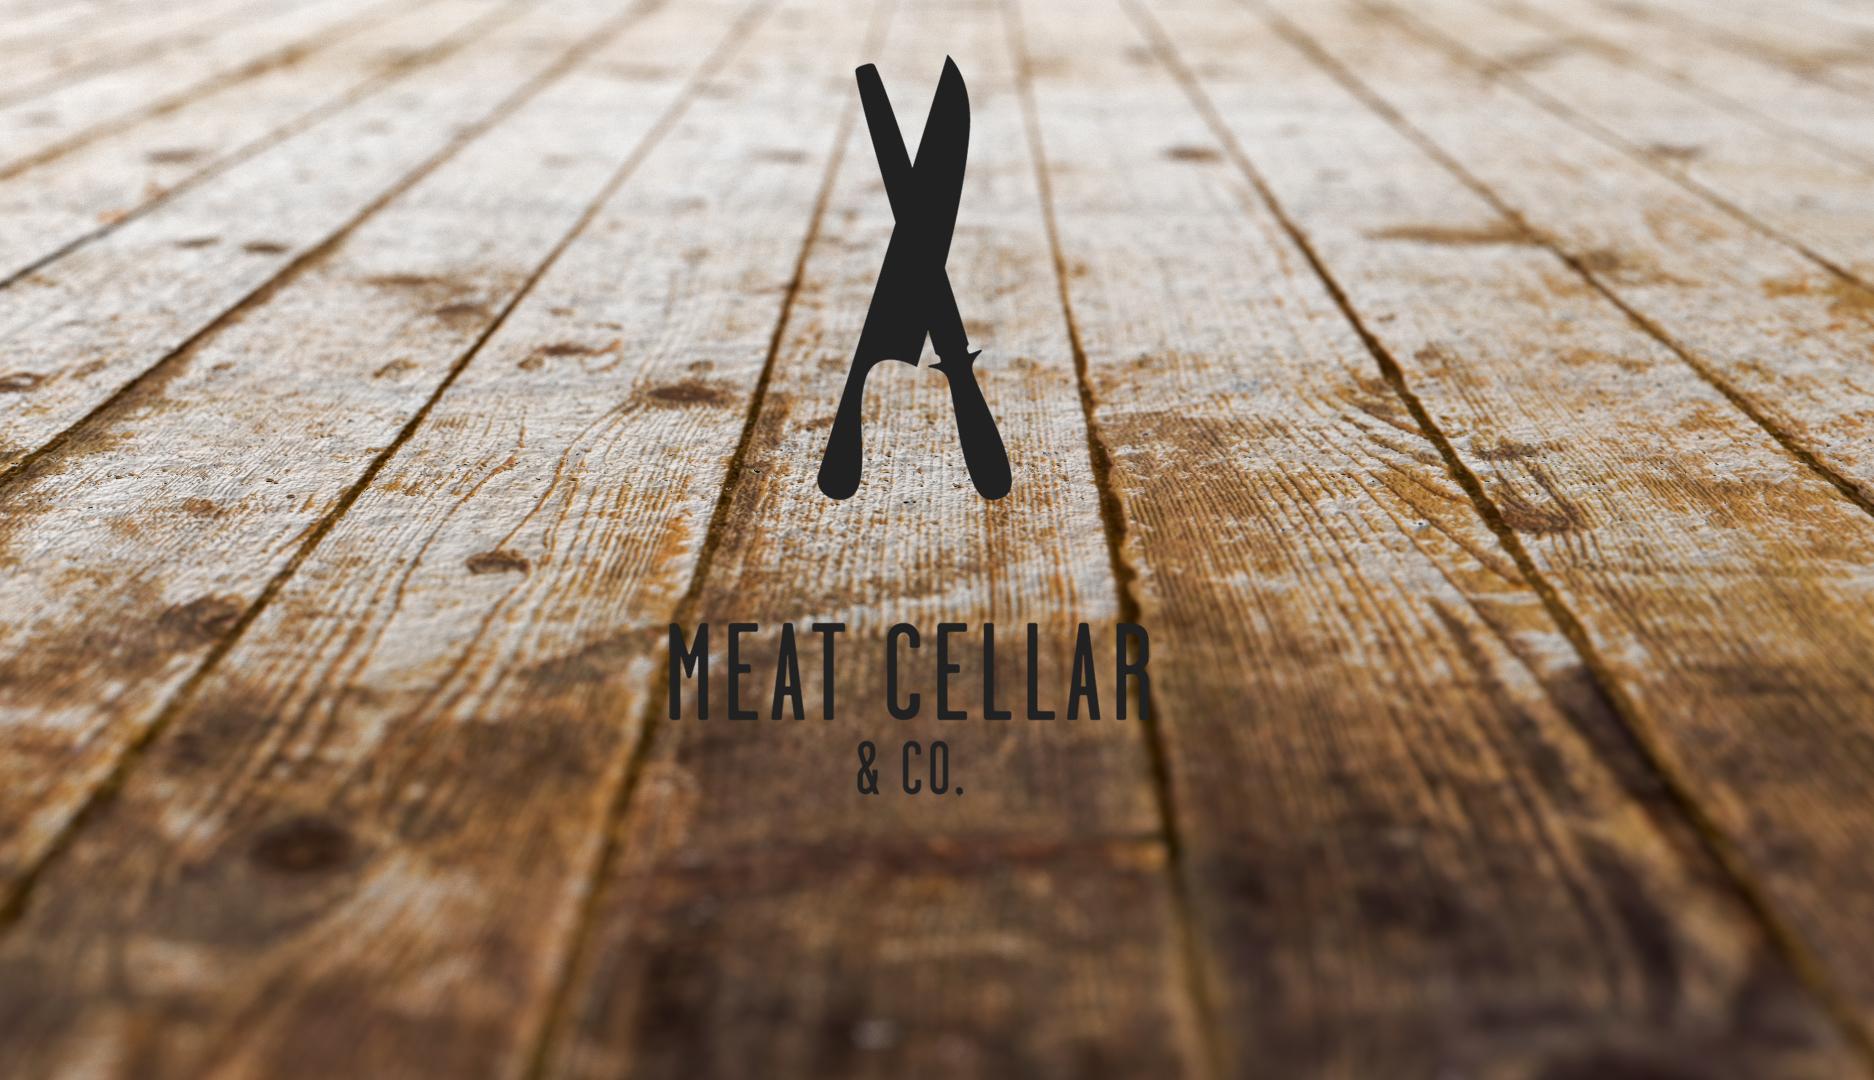 MEAT CELLAR & CO LTD